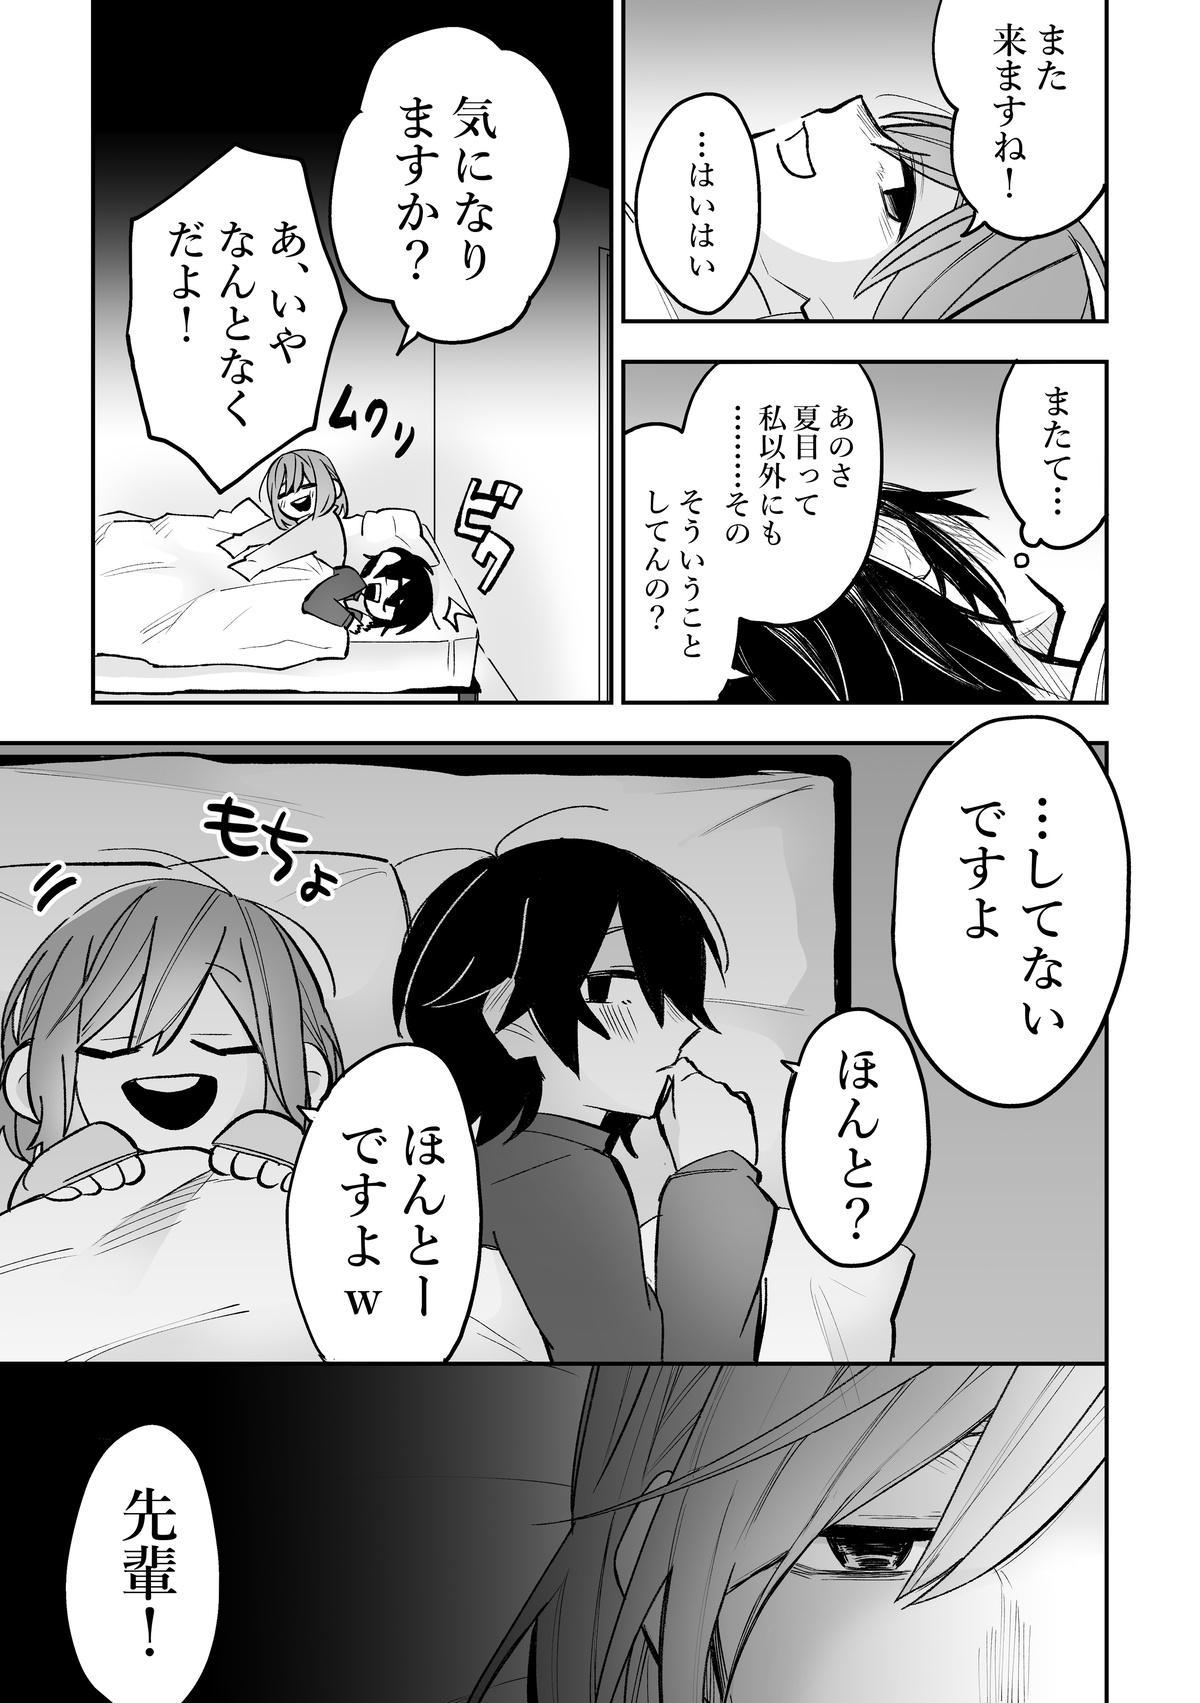 Honshin wa Makuramoto ni Kakushite. 21